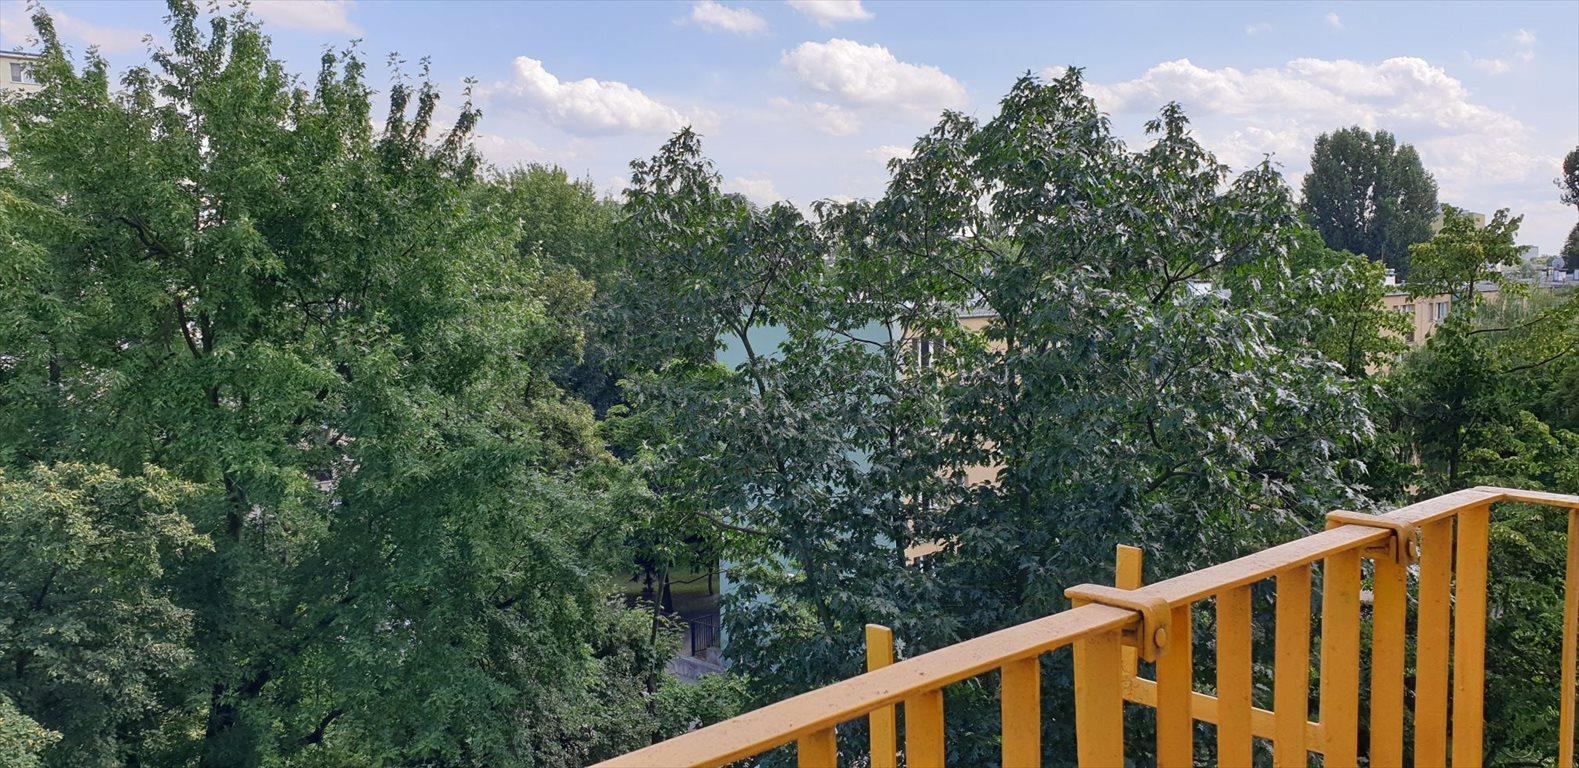 Mieszkanie trzypokojowe na sprzedaż Warszawa, Praga-Południe, Grochów, Garwolińska  48m2 Foto 11